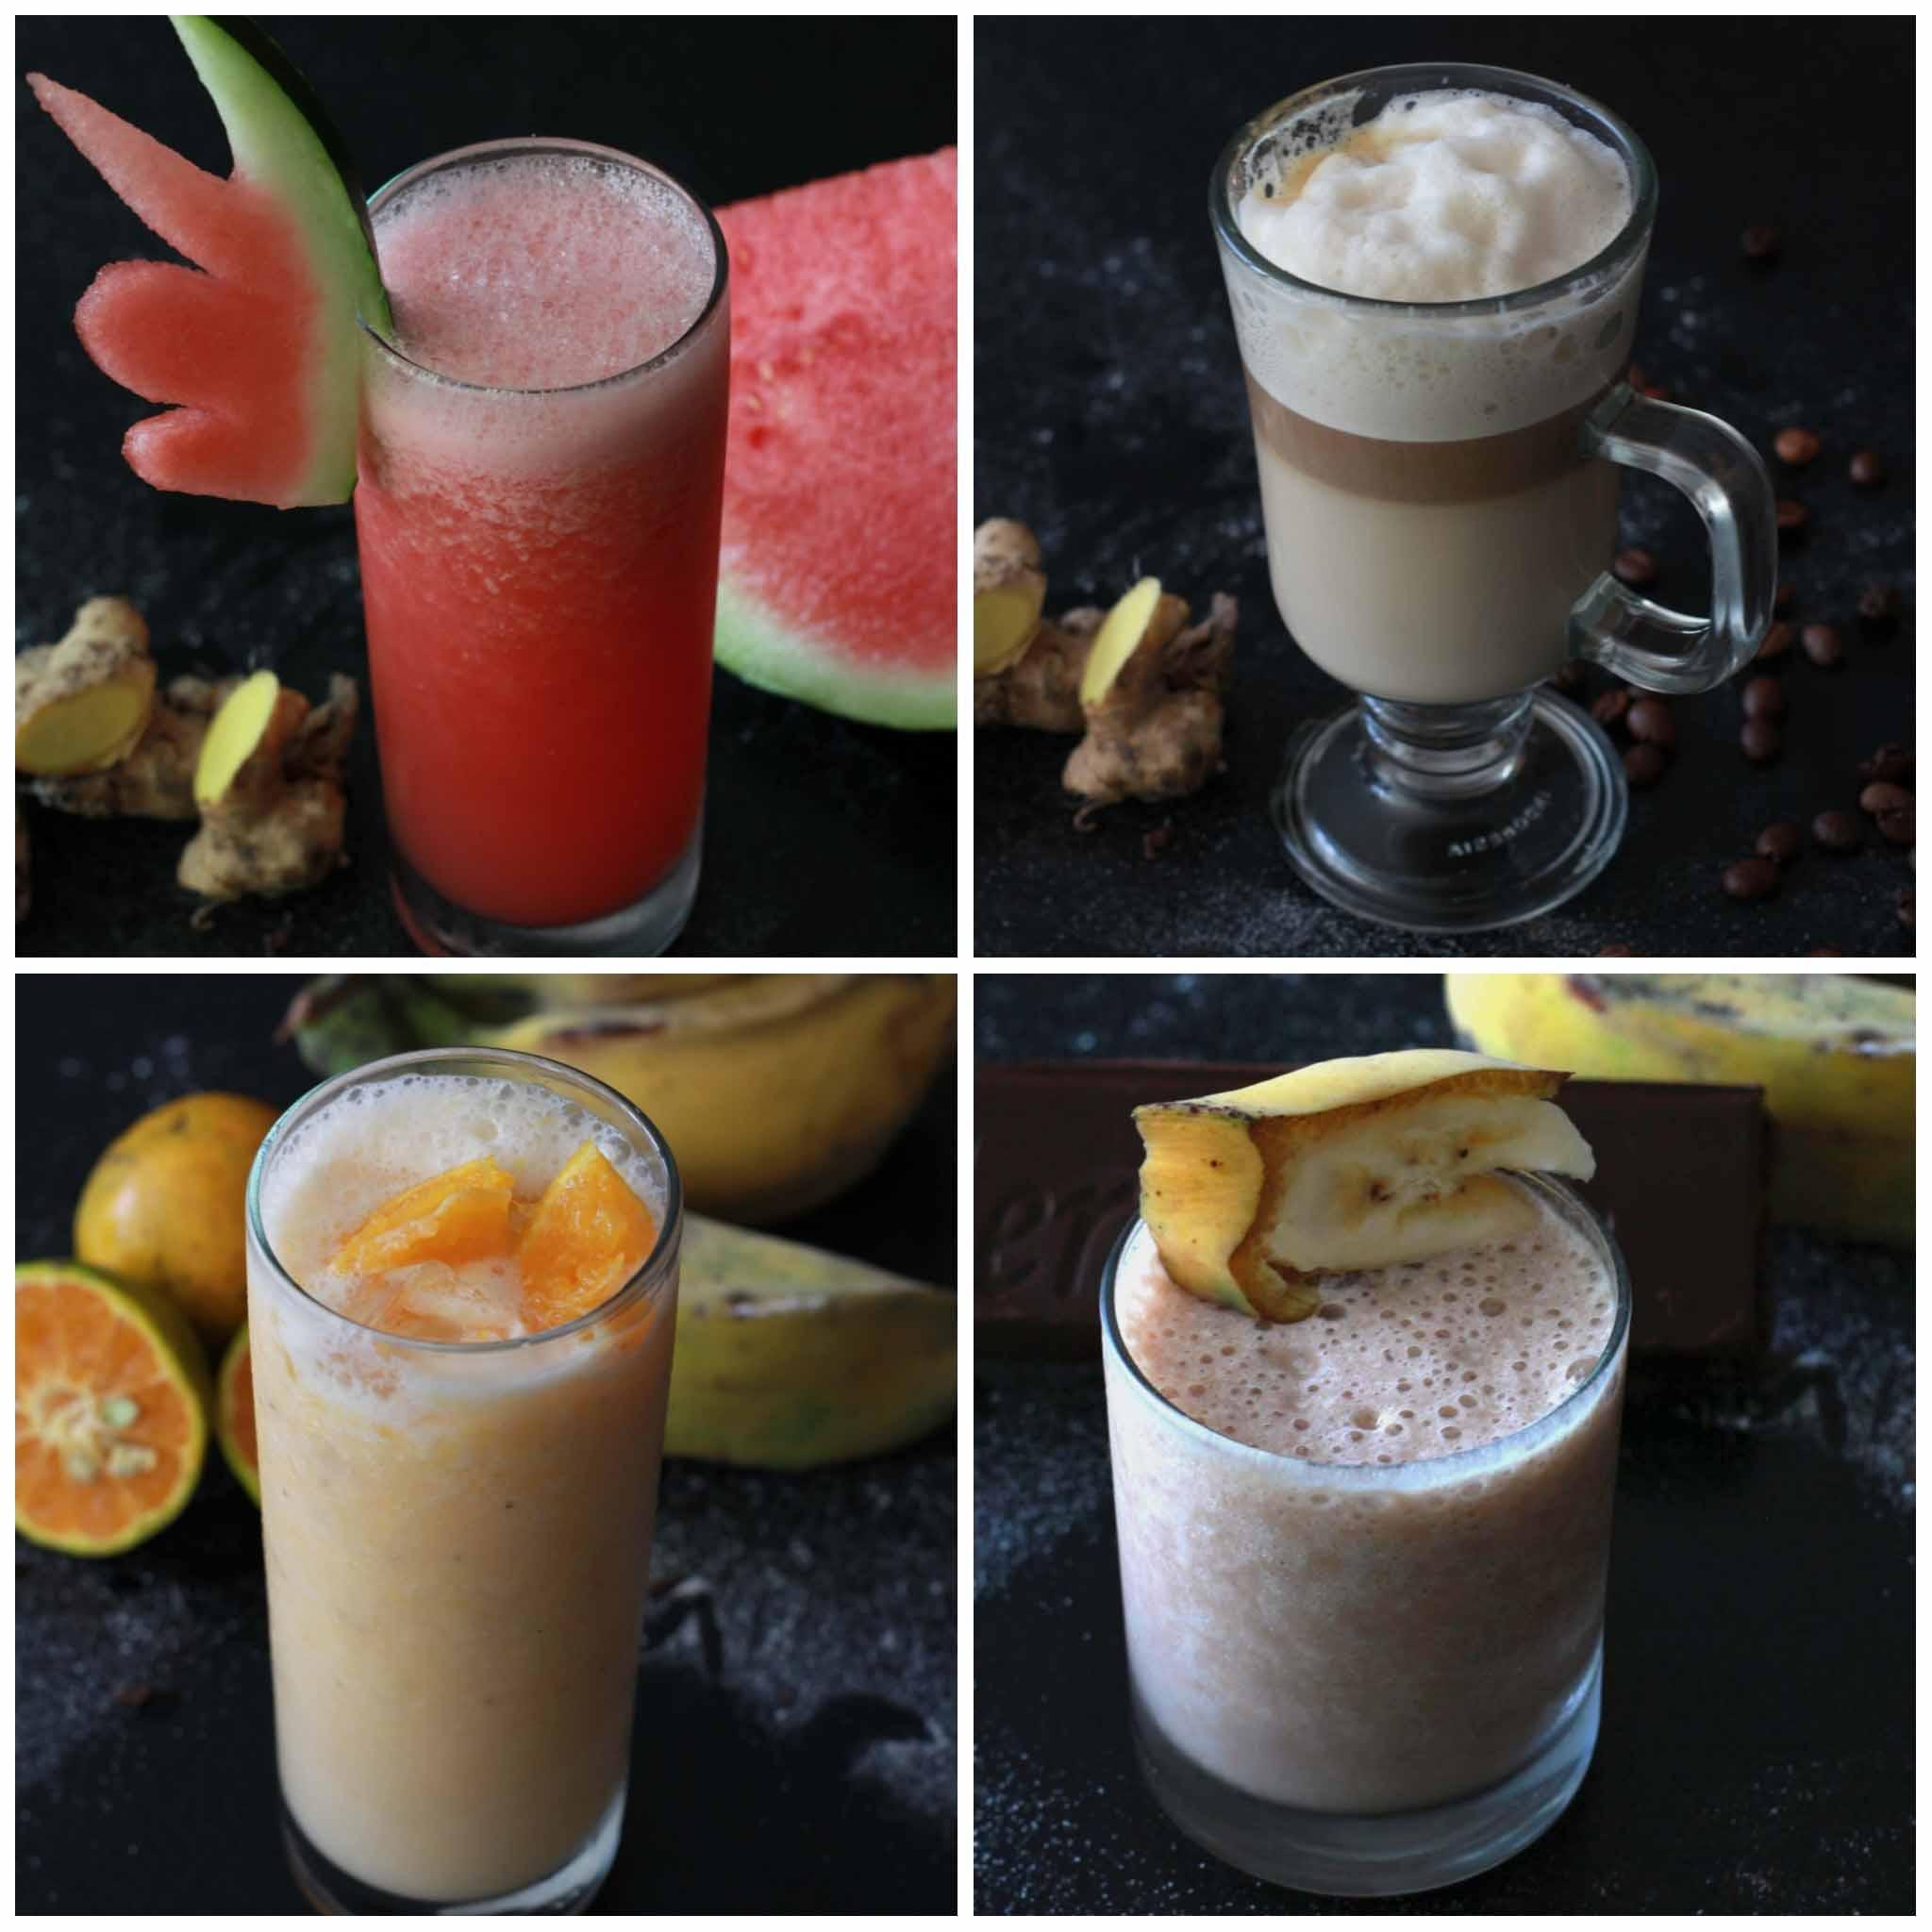 Hotel Santika Bangka Sajikan Minuman Sehat dan Menyegarkan